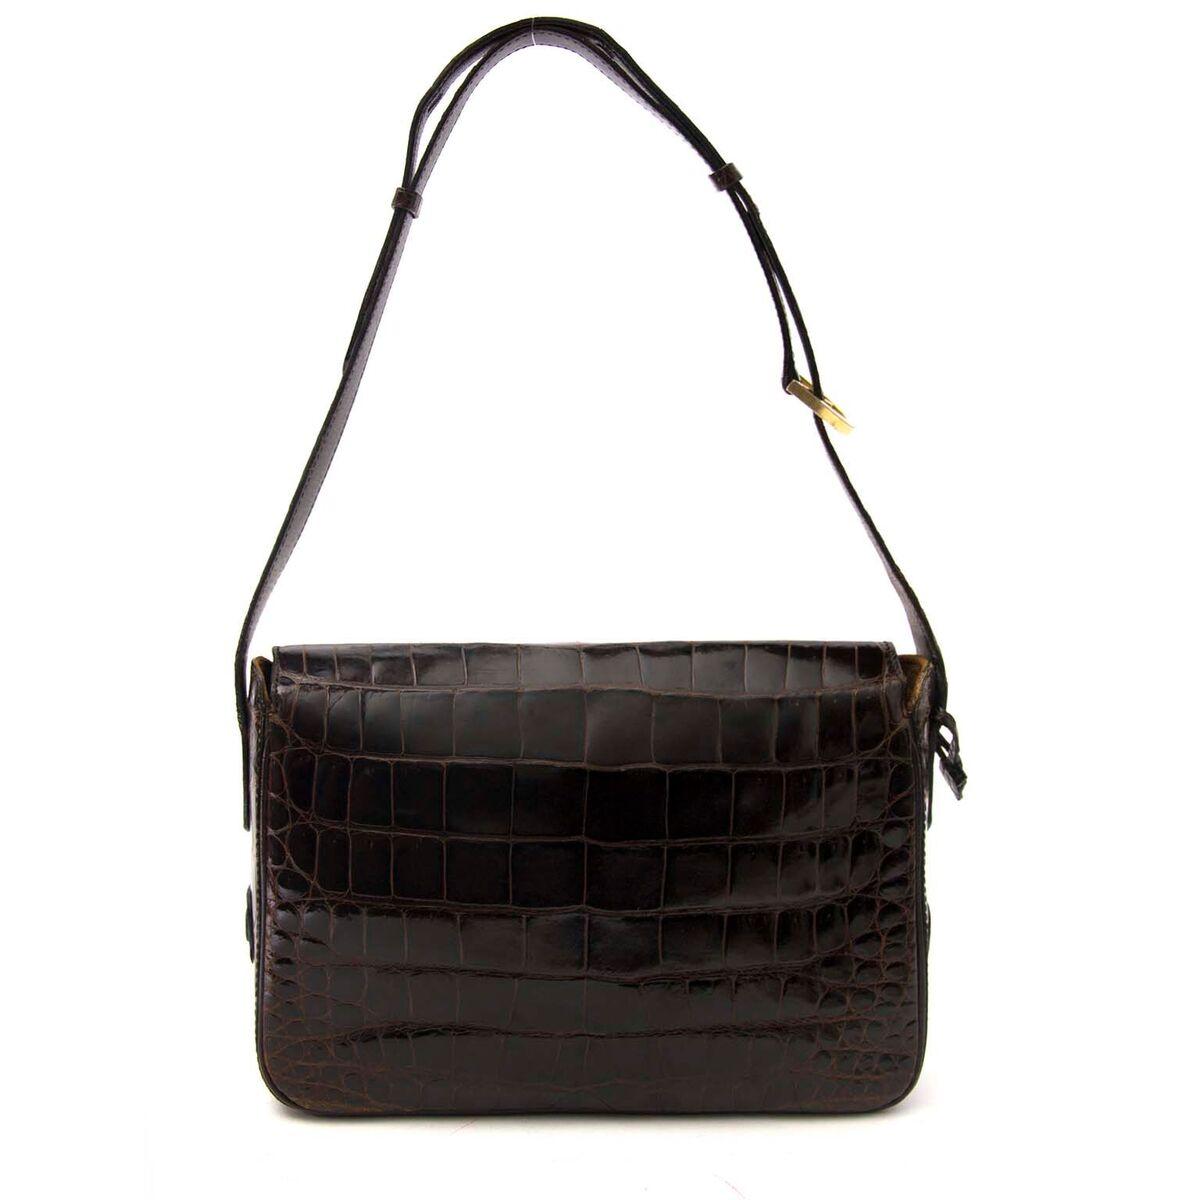 Koop authentieke tweedehands Delvaux tas aan een eerlijke prijs bij LabelLOV. Veilig online shoppen.